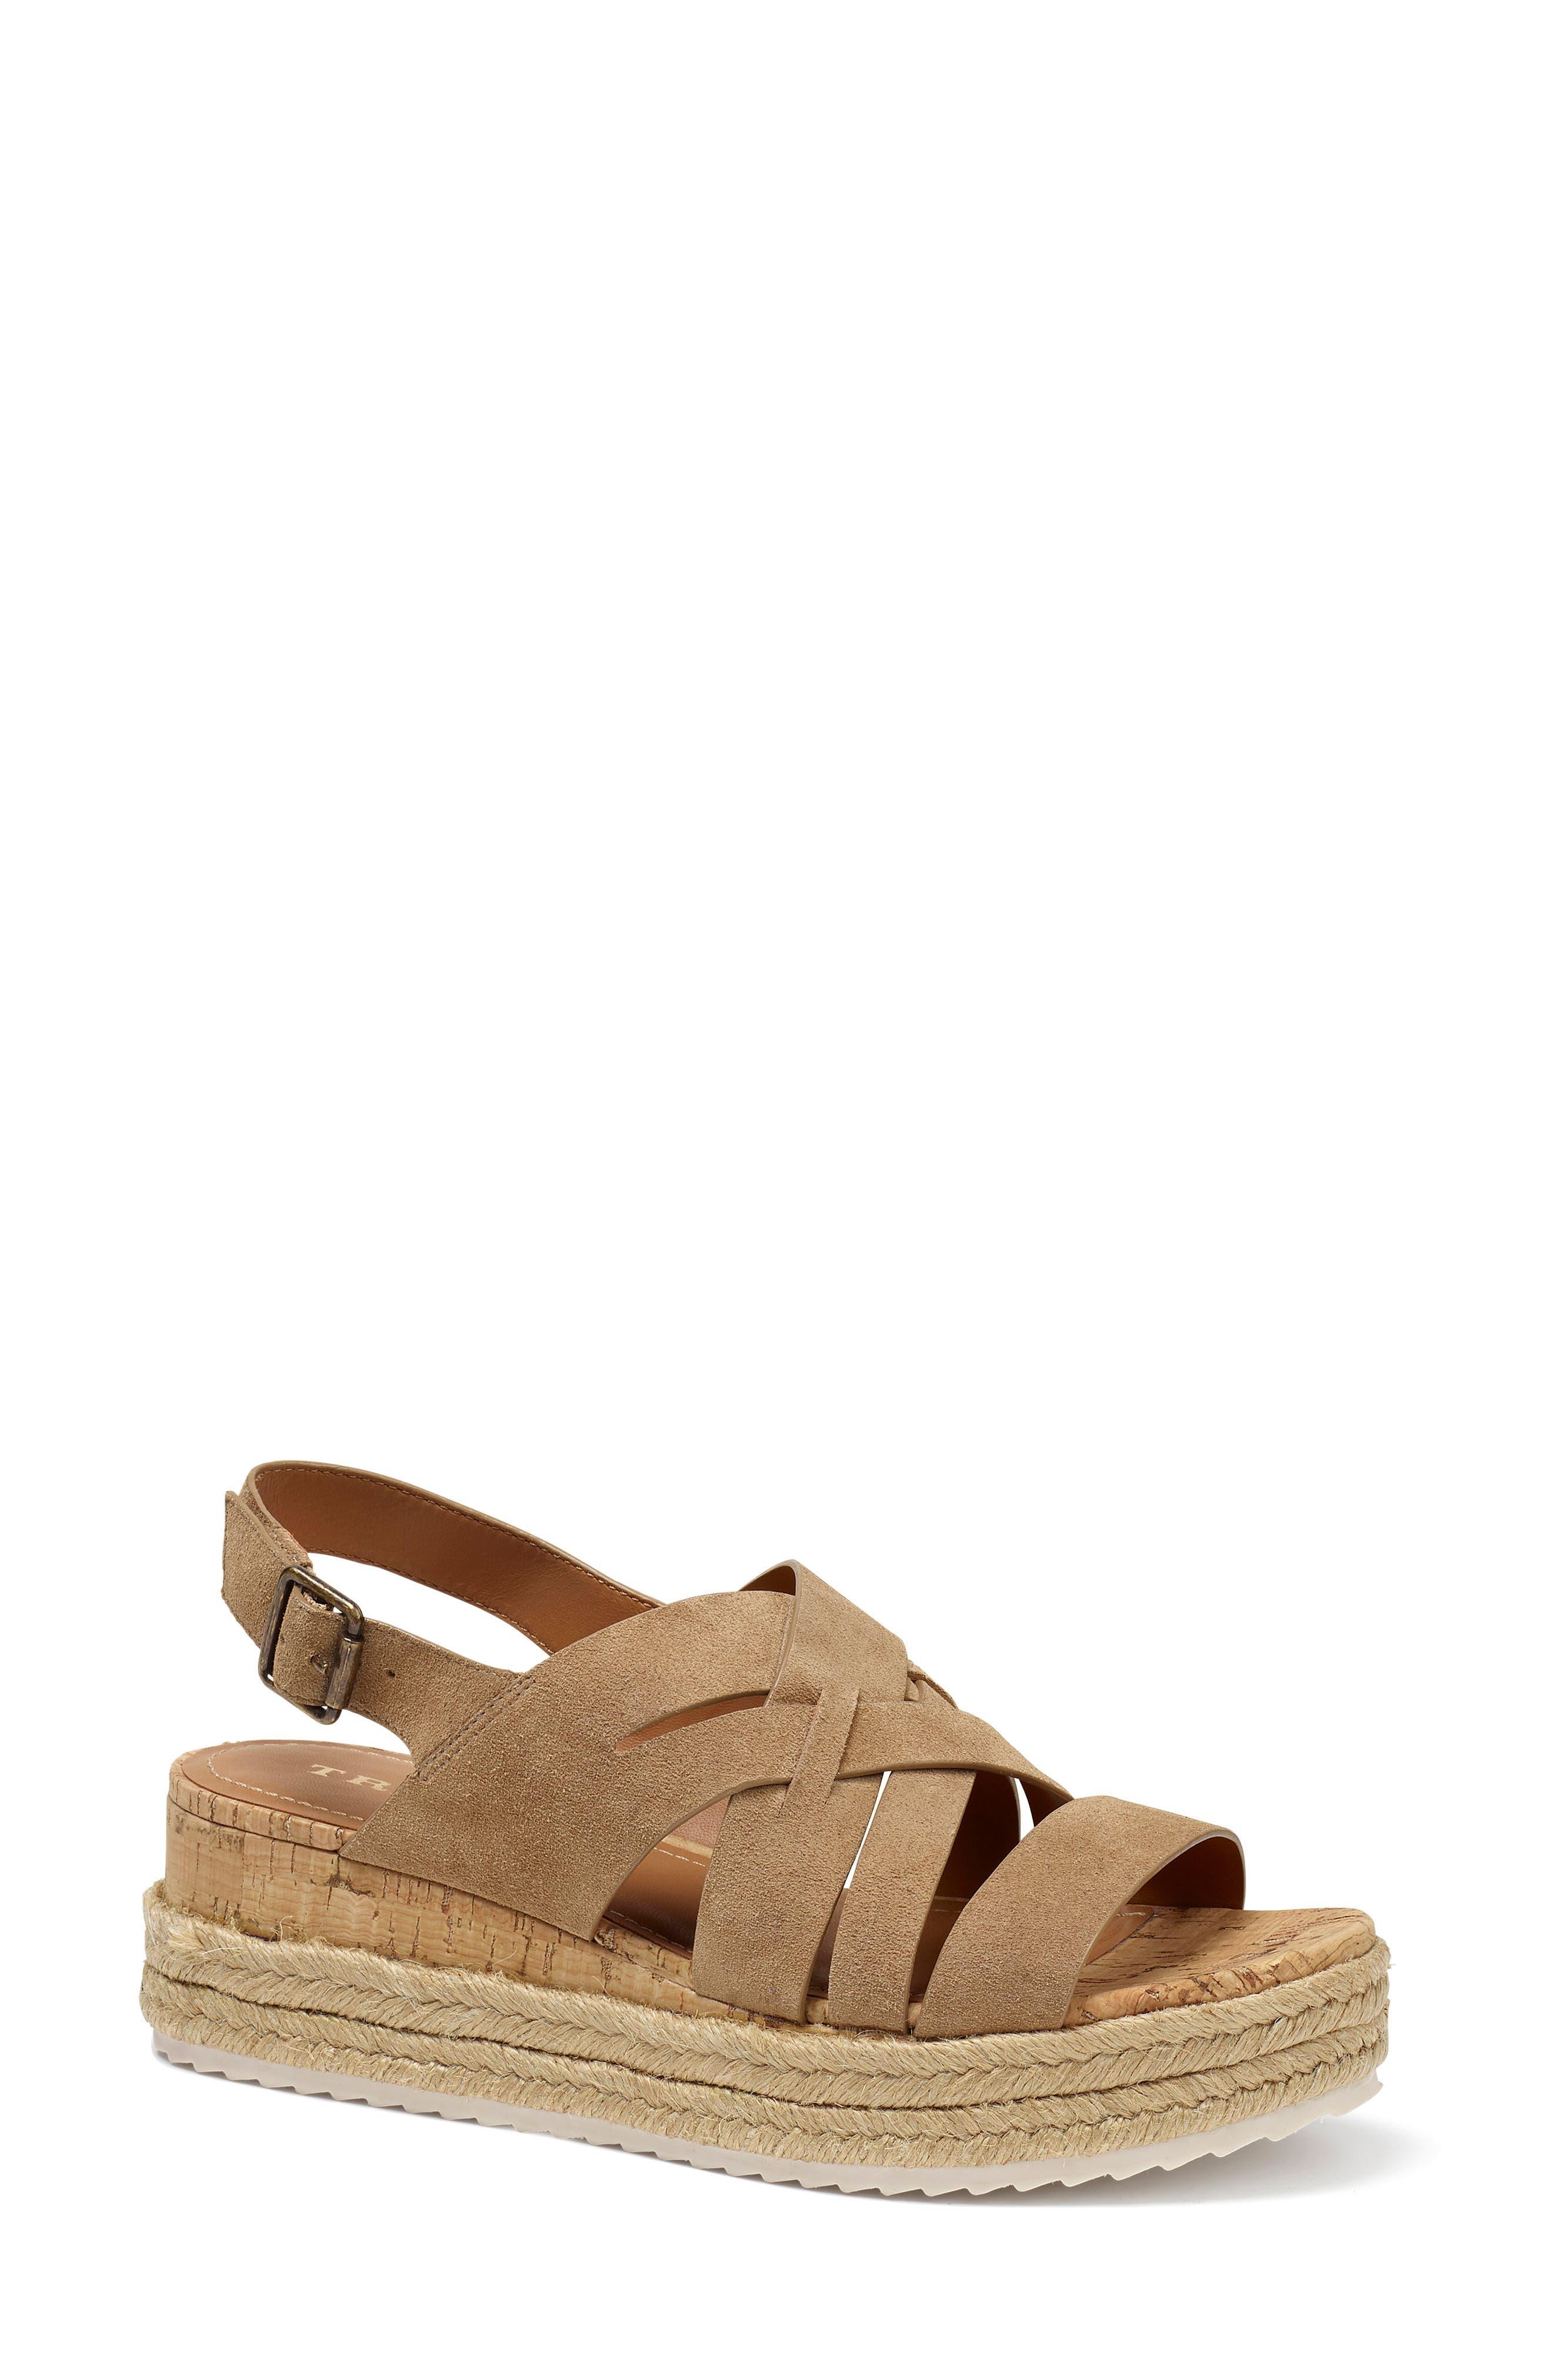 593cc7a2311 Women s Trask Espadrille Sandals